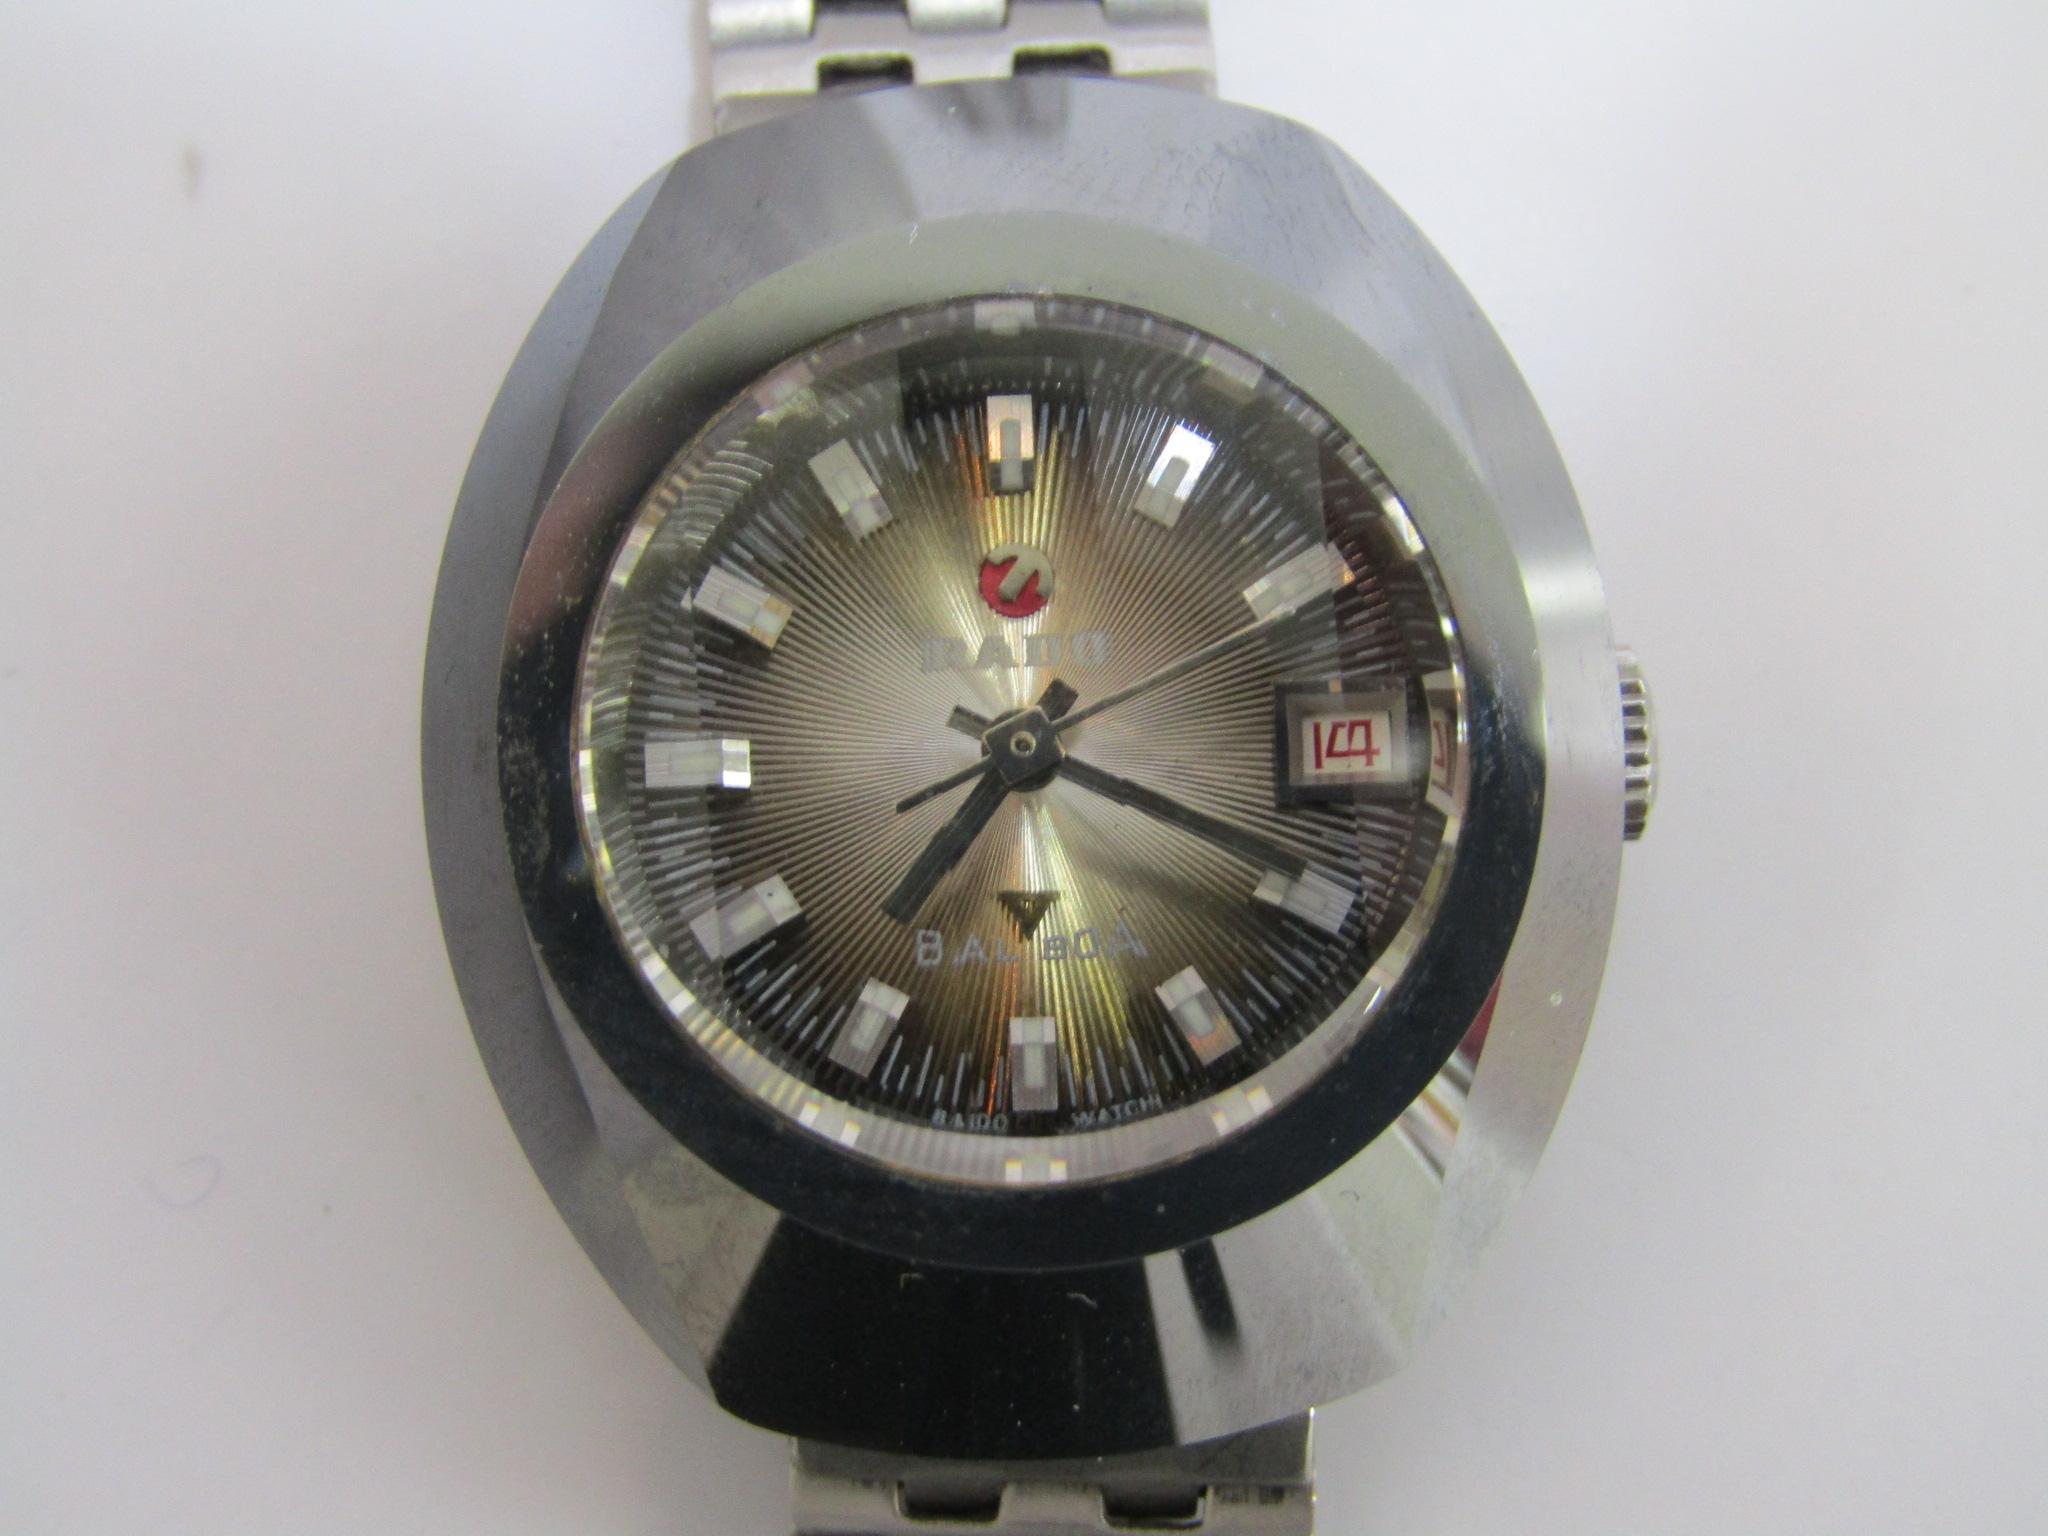 ラドー時計 売るならゴールドステーション東大和店